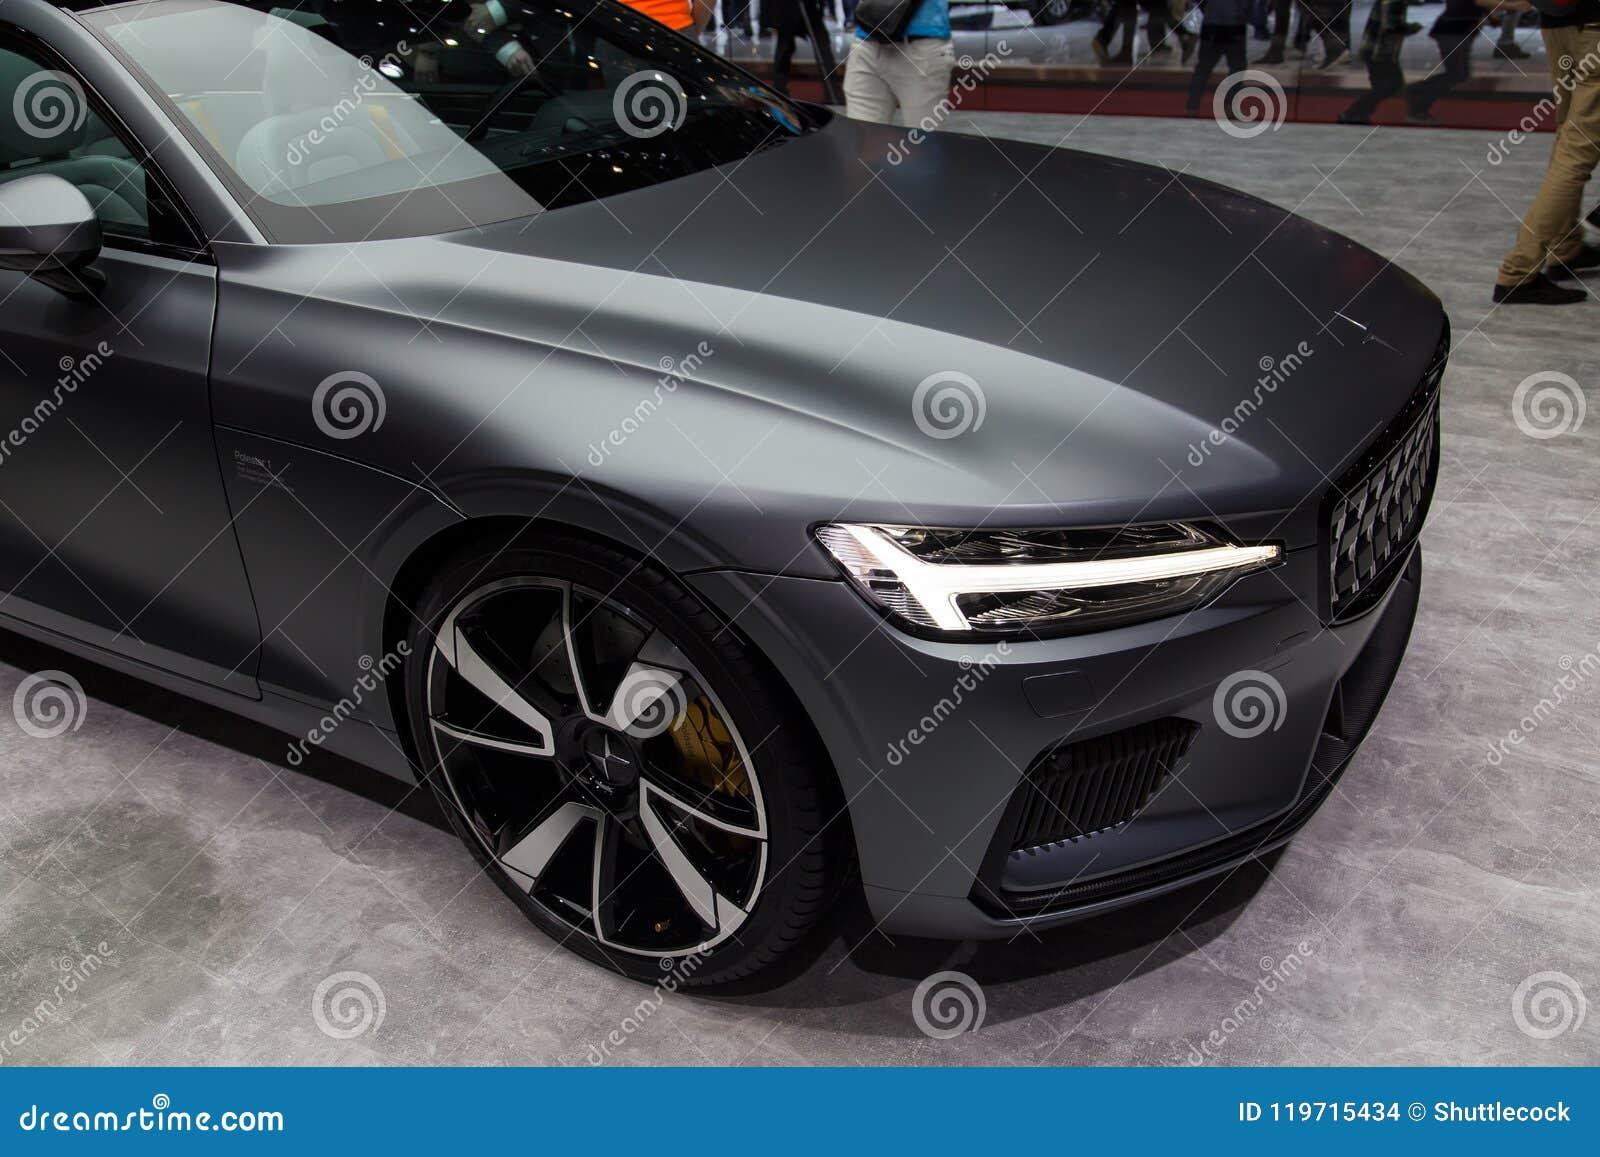 Έξοχο αυτοκίνητο αθλητικής έννοιας